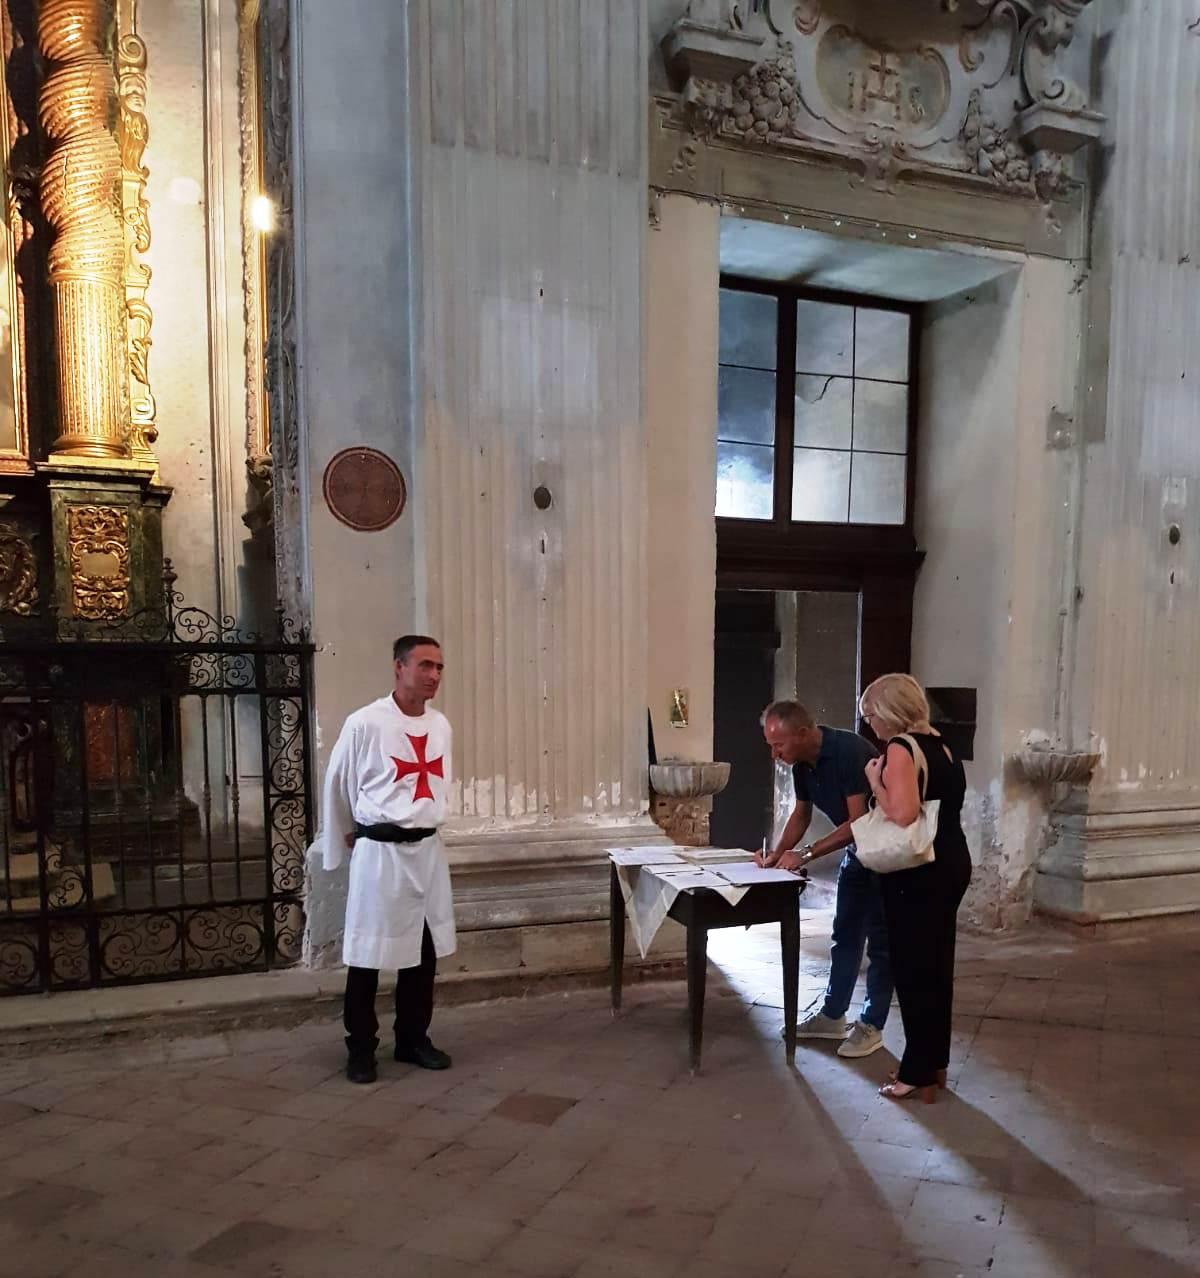 Custodia chiesa S. Marcellino Cremona settembre 2018